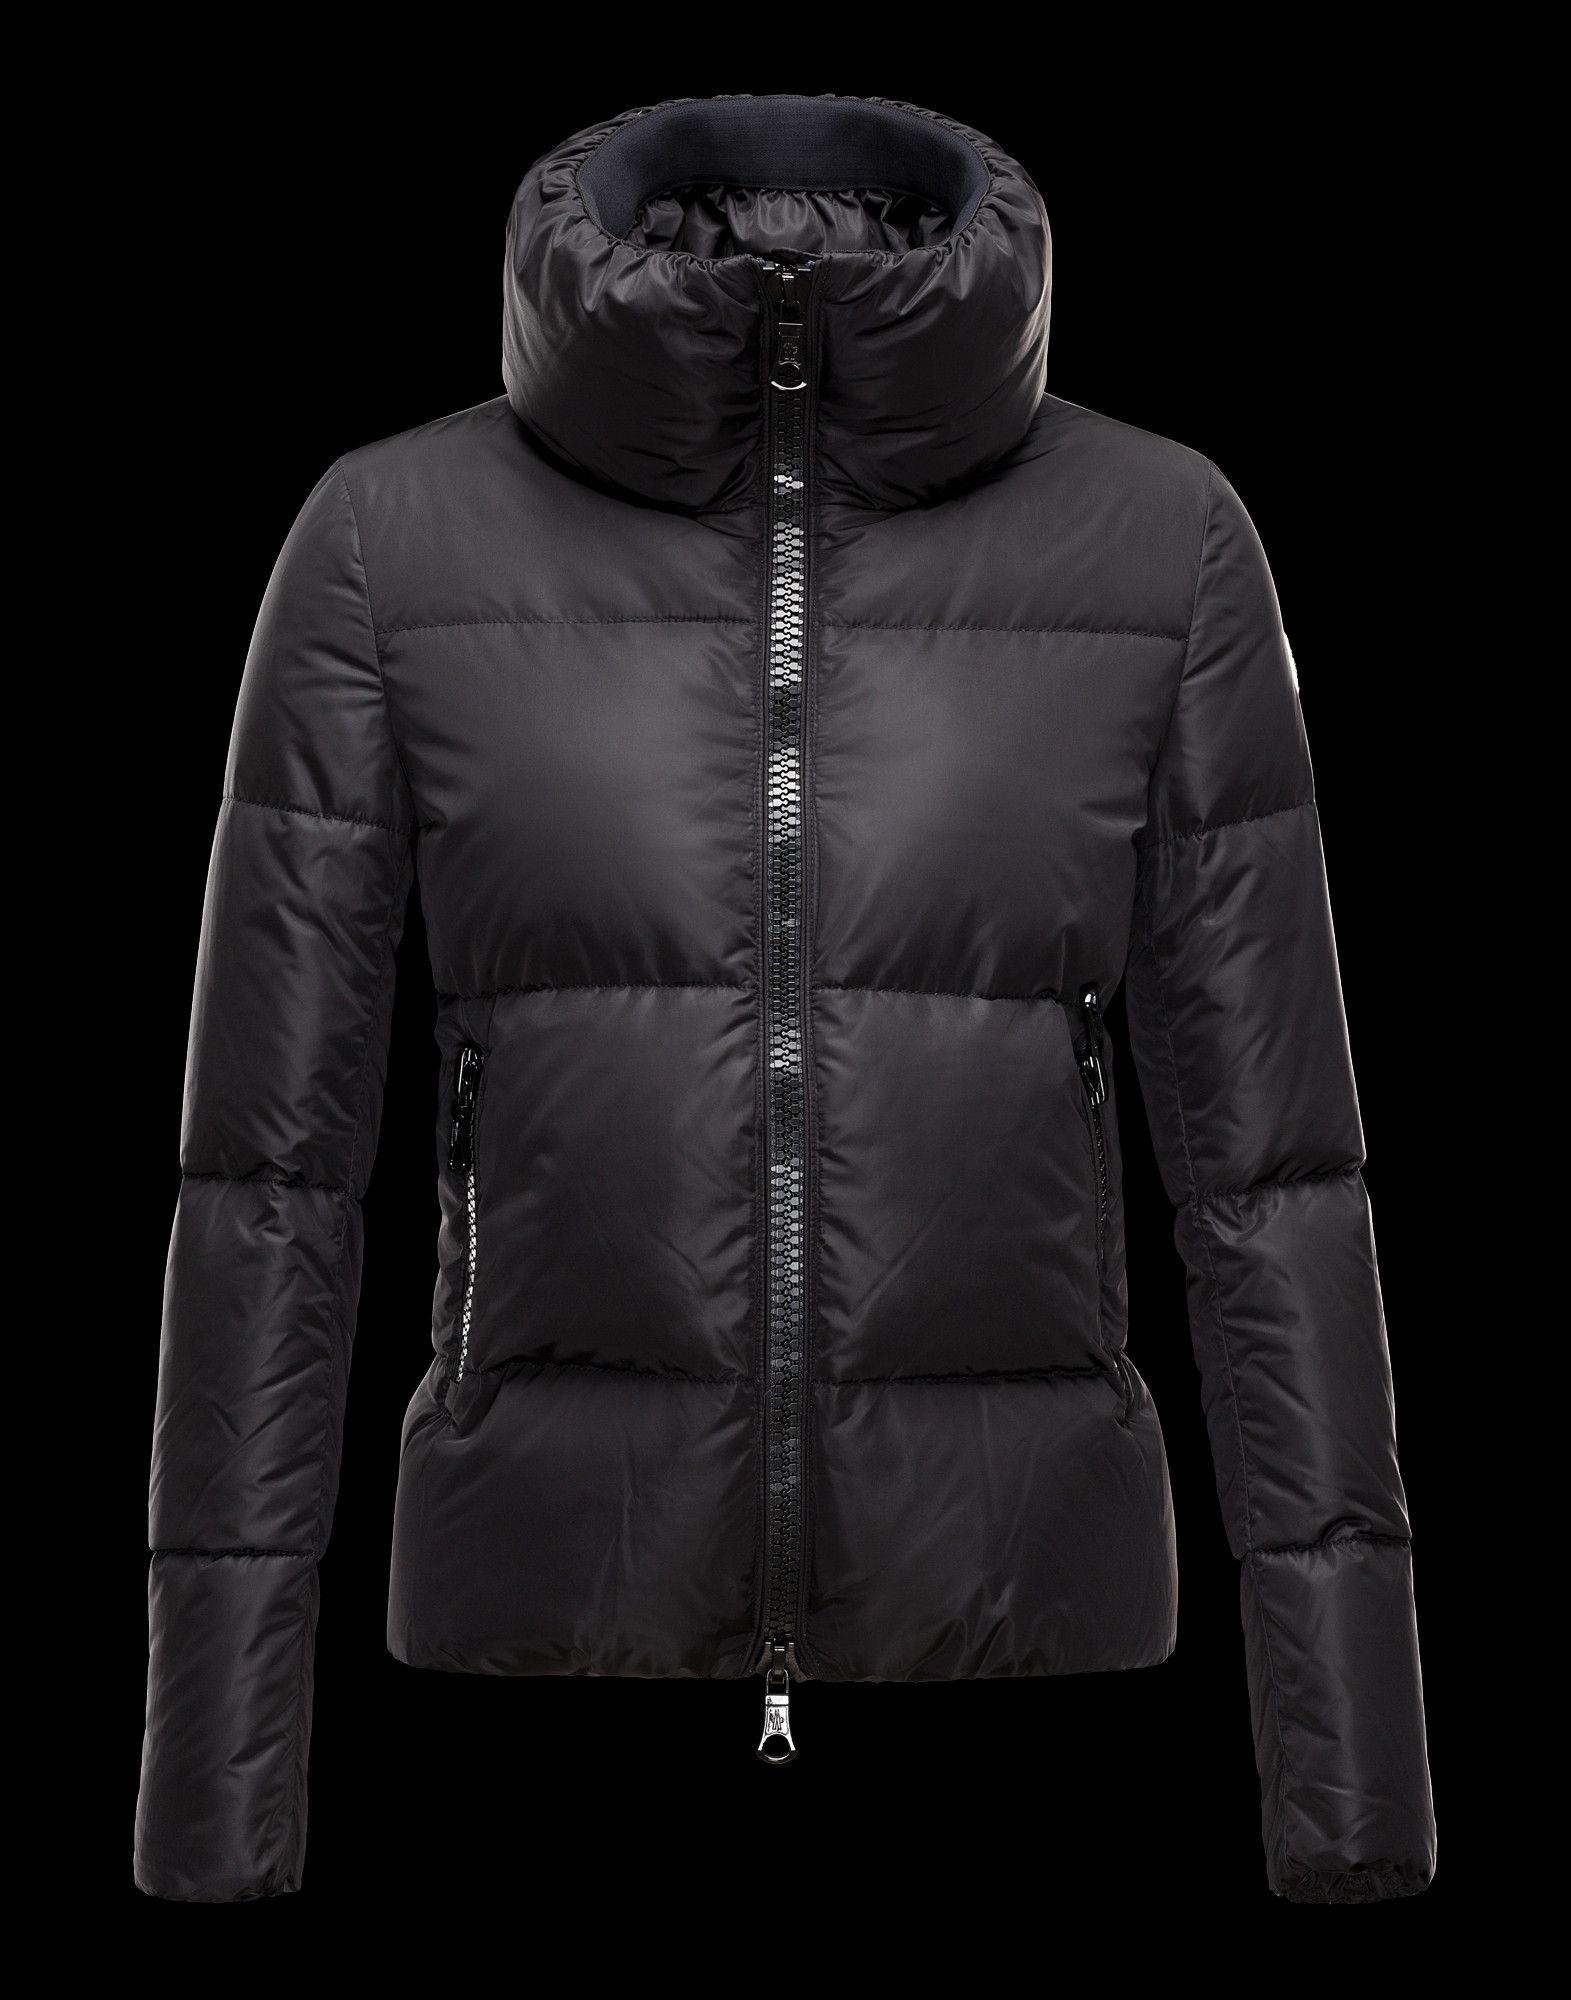 MONCLER Women Fall/Winter 12 OUTERWEAR Jacket